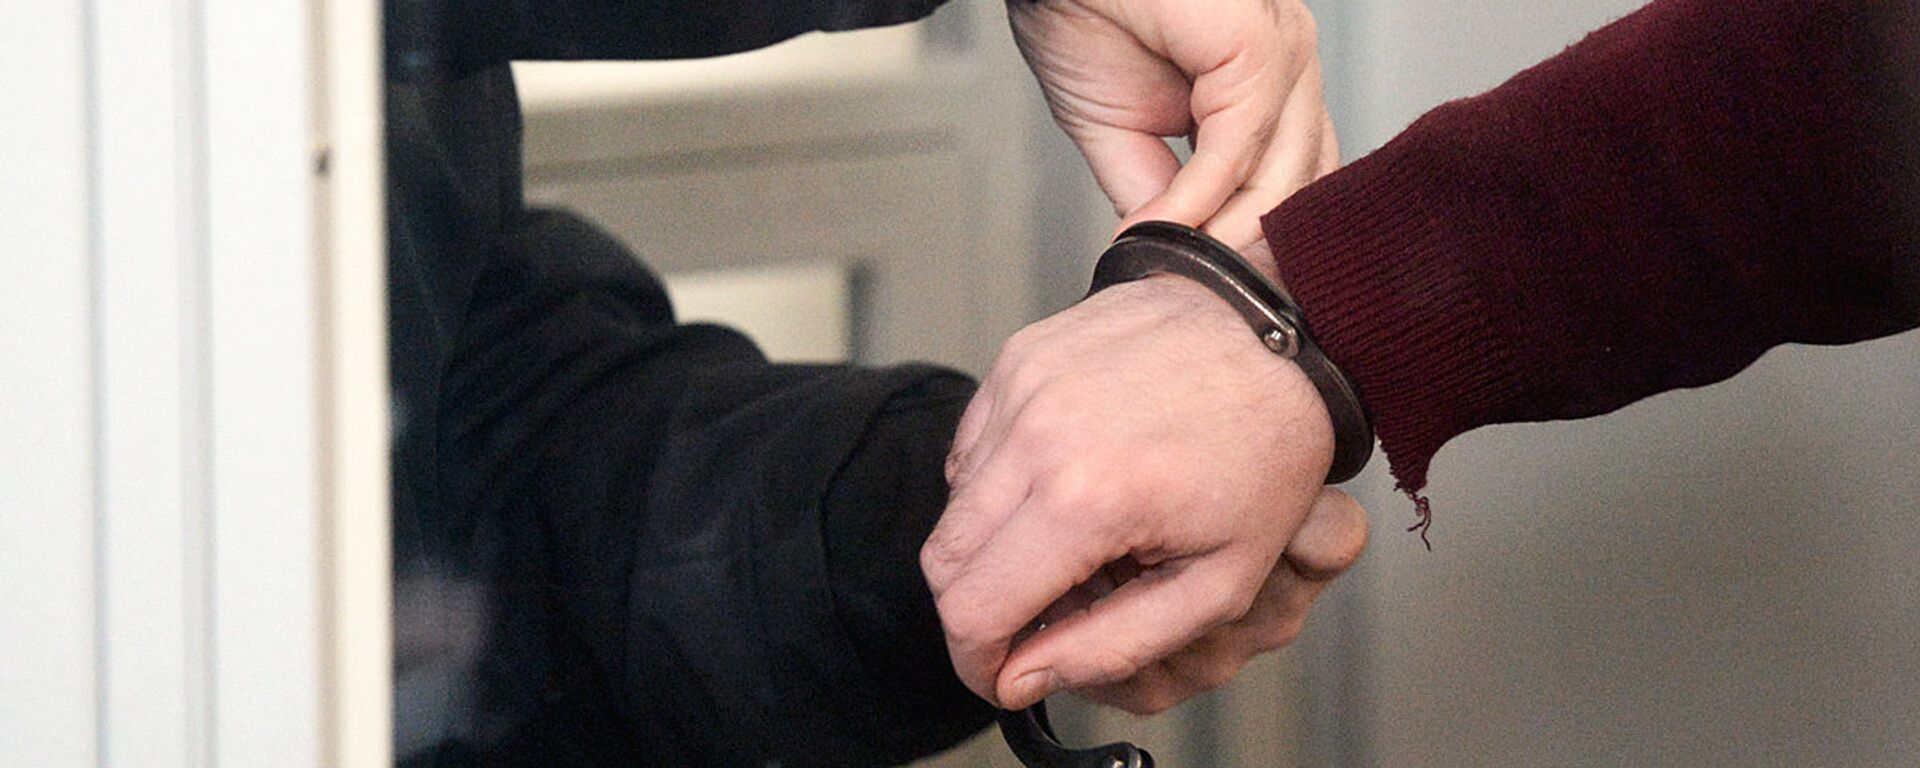 Сотрудник правоохранительных органов снимает наручники - Sputnik Узбекистан, 1920, 02.12.2020